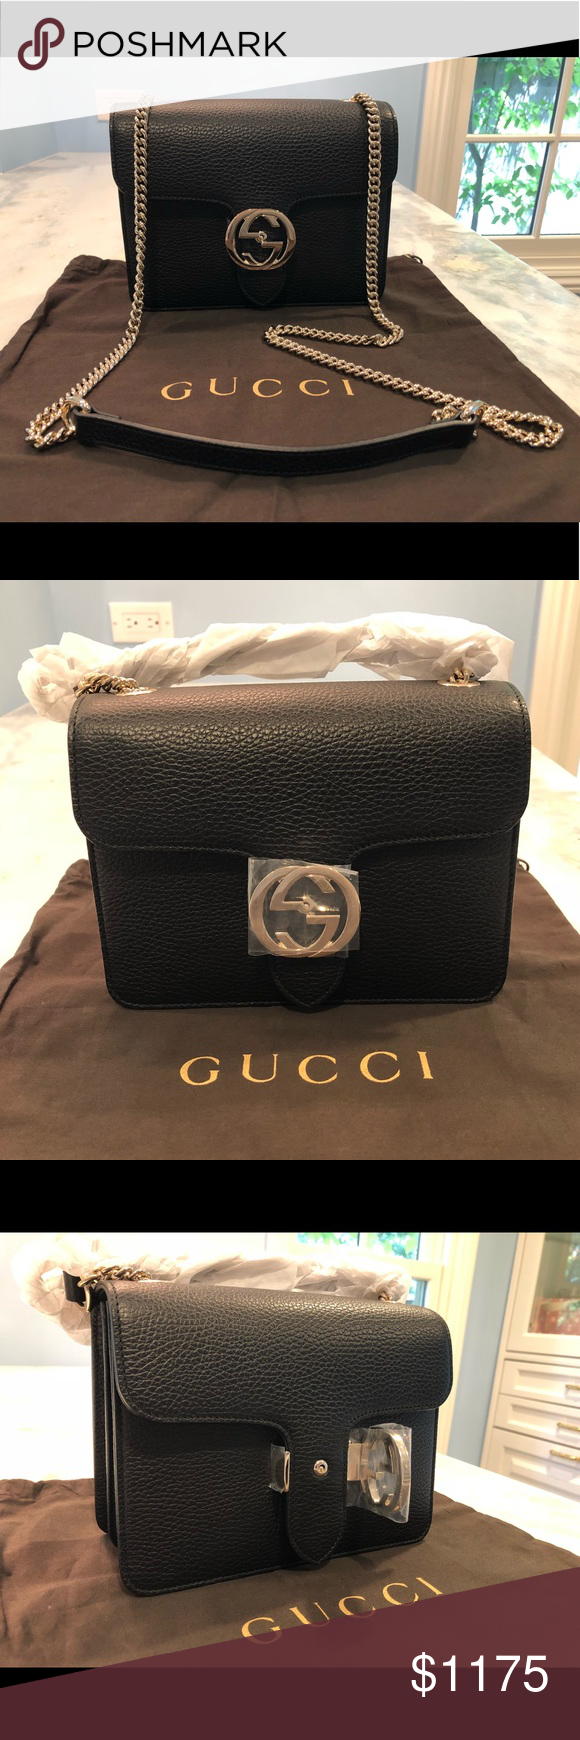 10afbd76314df0 NWT Gucci Interlocking GG Flap Crossbody Bag Brand new with all original  tags, dust bag